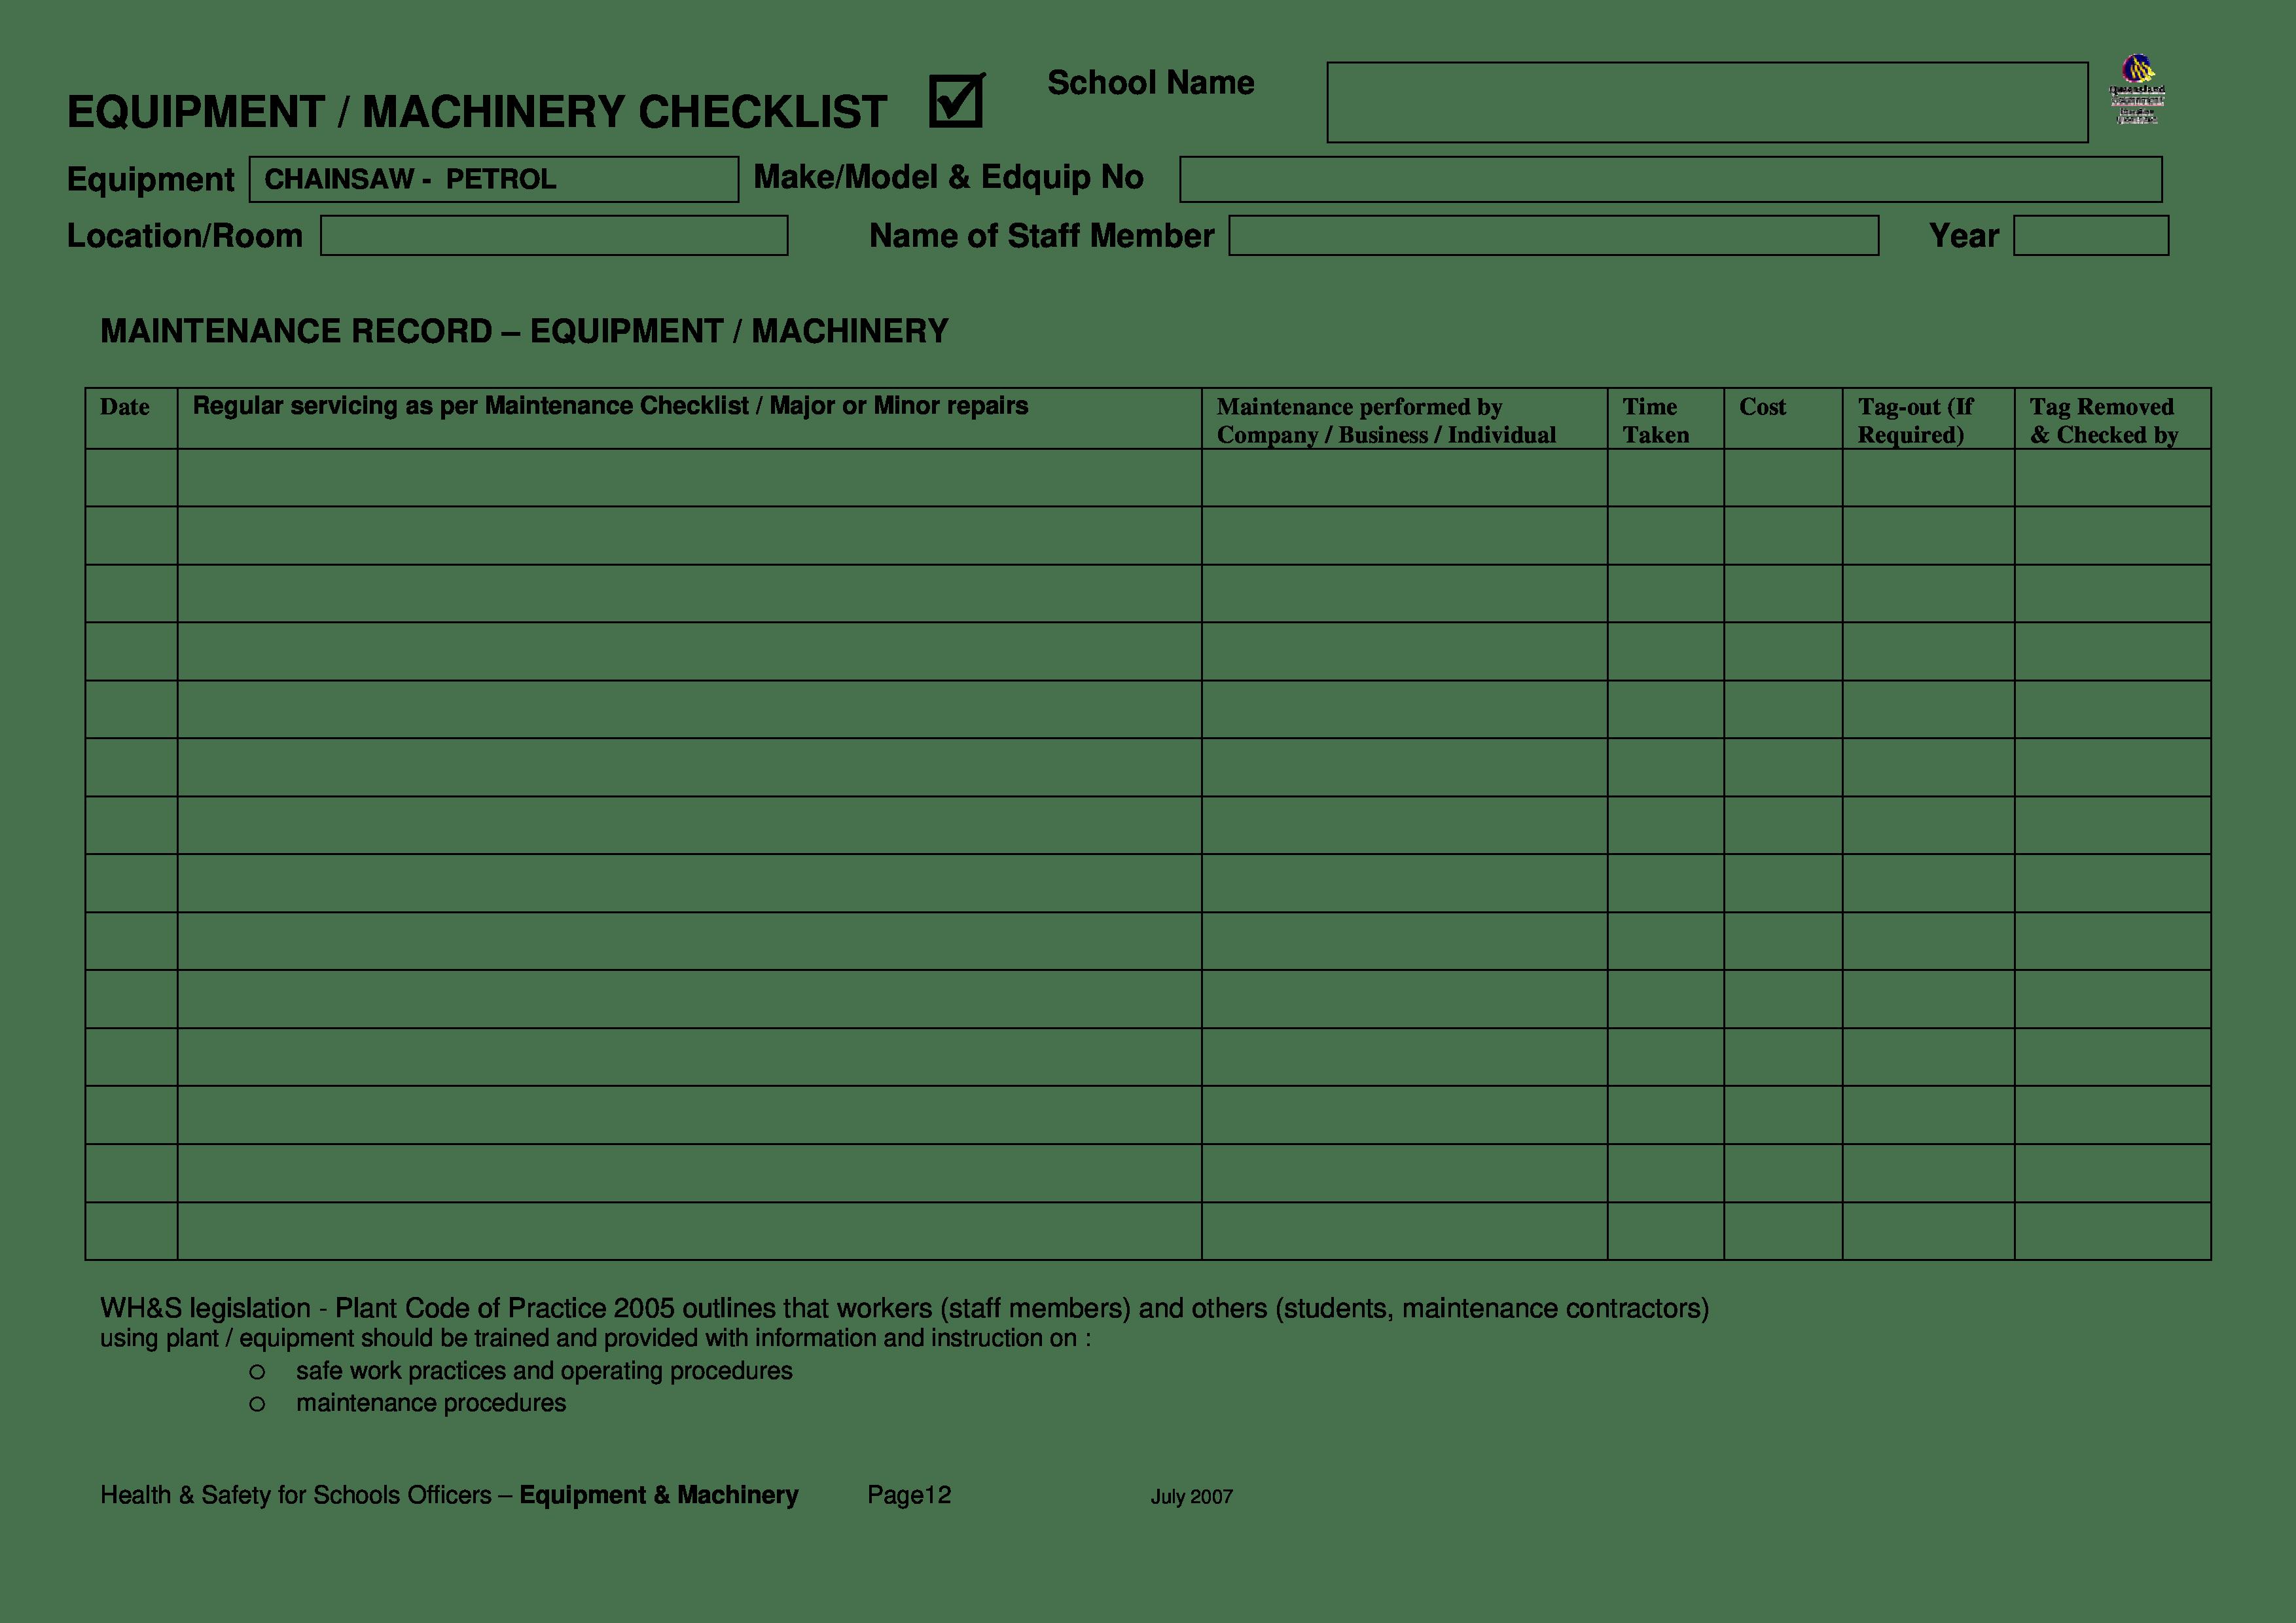 Weekly Equipment Checklist